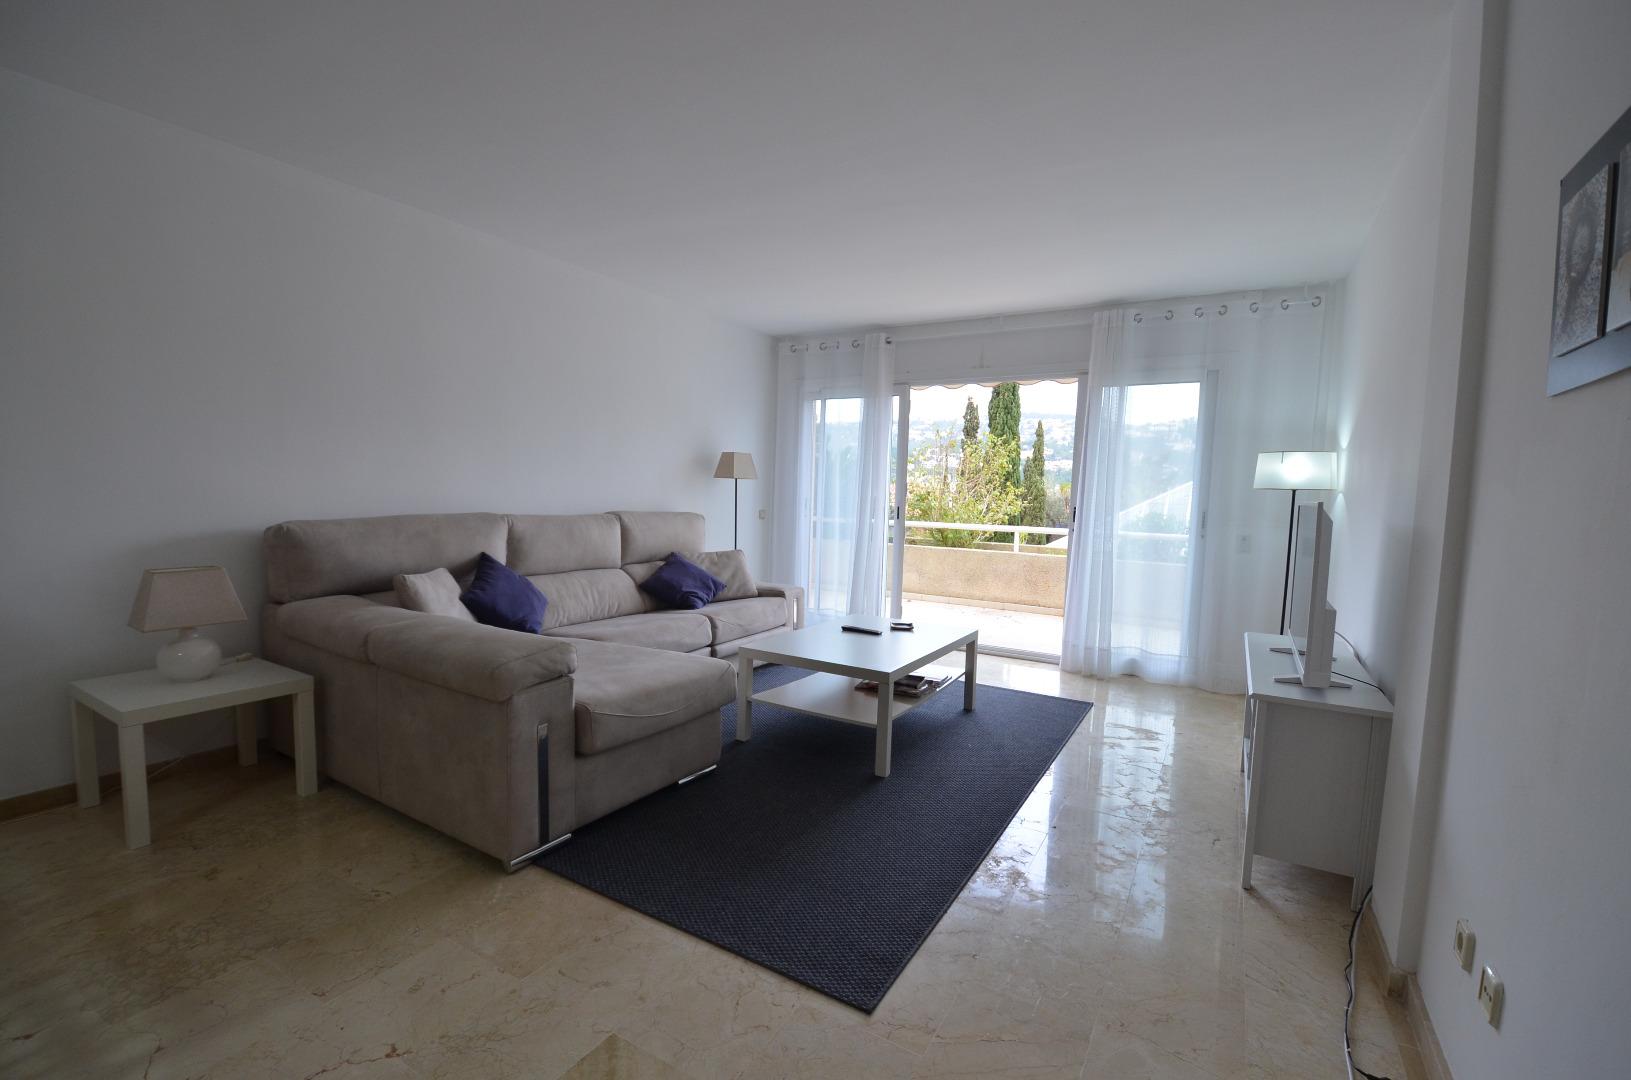 Alquiler Piso  Andratx - port d´andratx. Bonito piso muy céntrico totalmente amueblado con parking